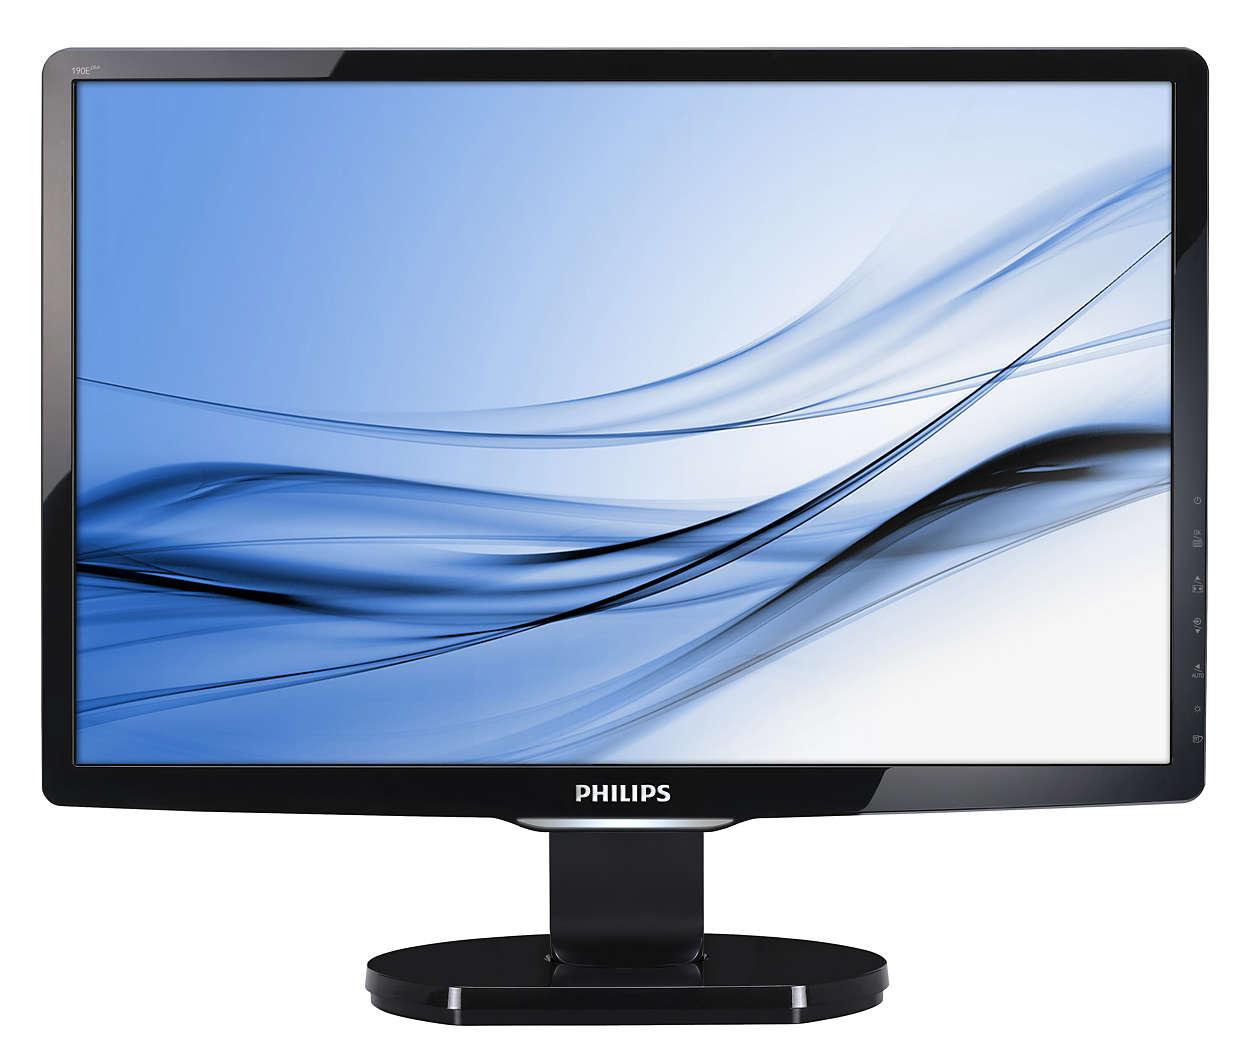 최고의 가치를 선사하는 세련된 HD 디스플레이